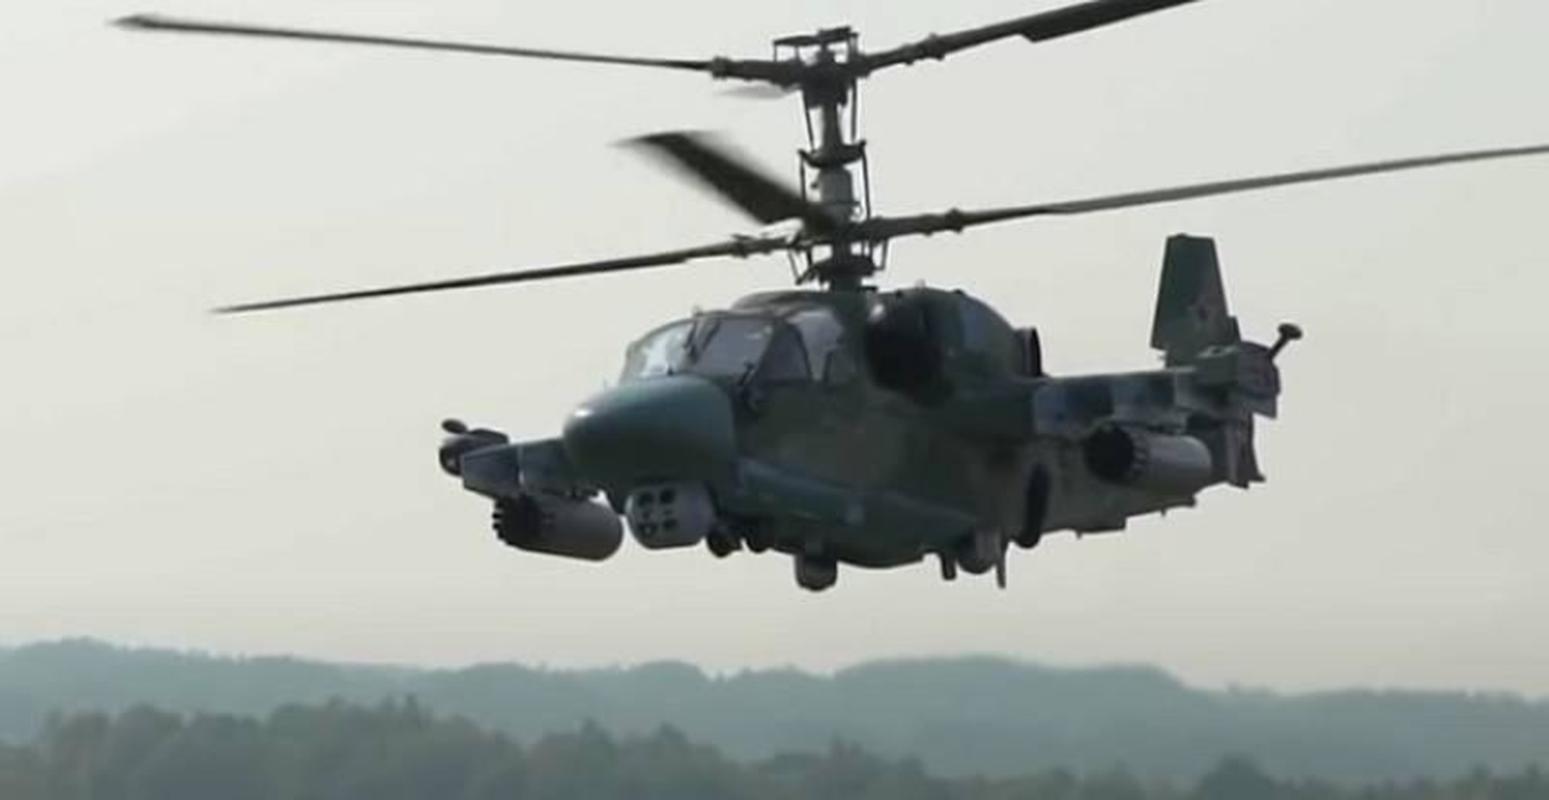 Truc thang Ka-52M gay soc khi co gia cao hon ca tiem kich Su-30SM-Hinh-10